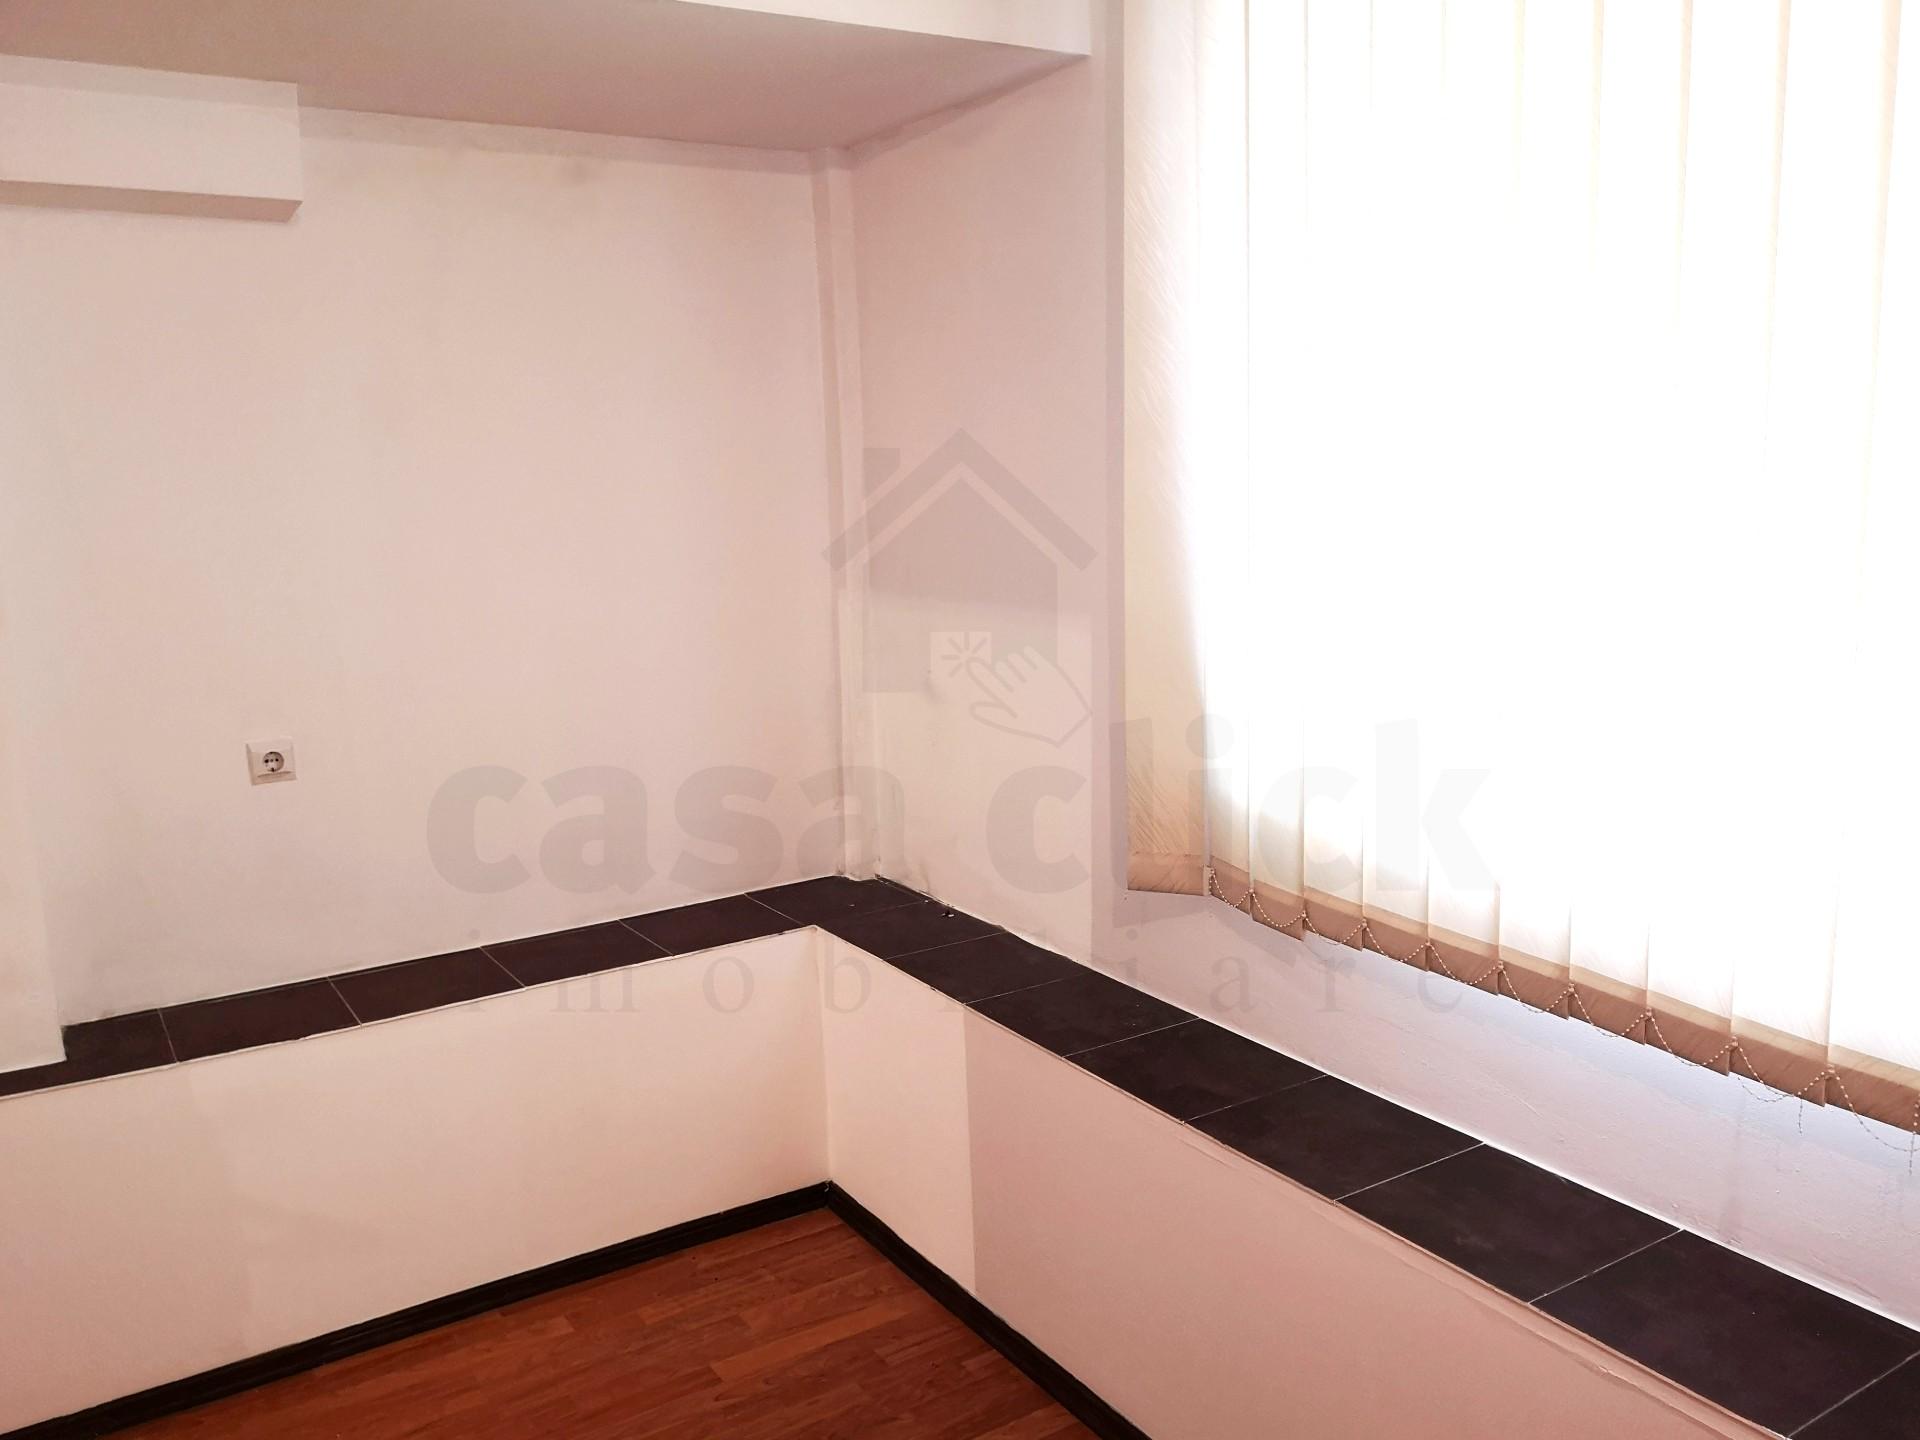 Apartament 1 camera, nemobilat, zona ultracentrala